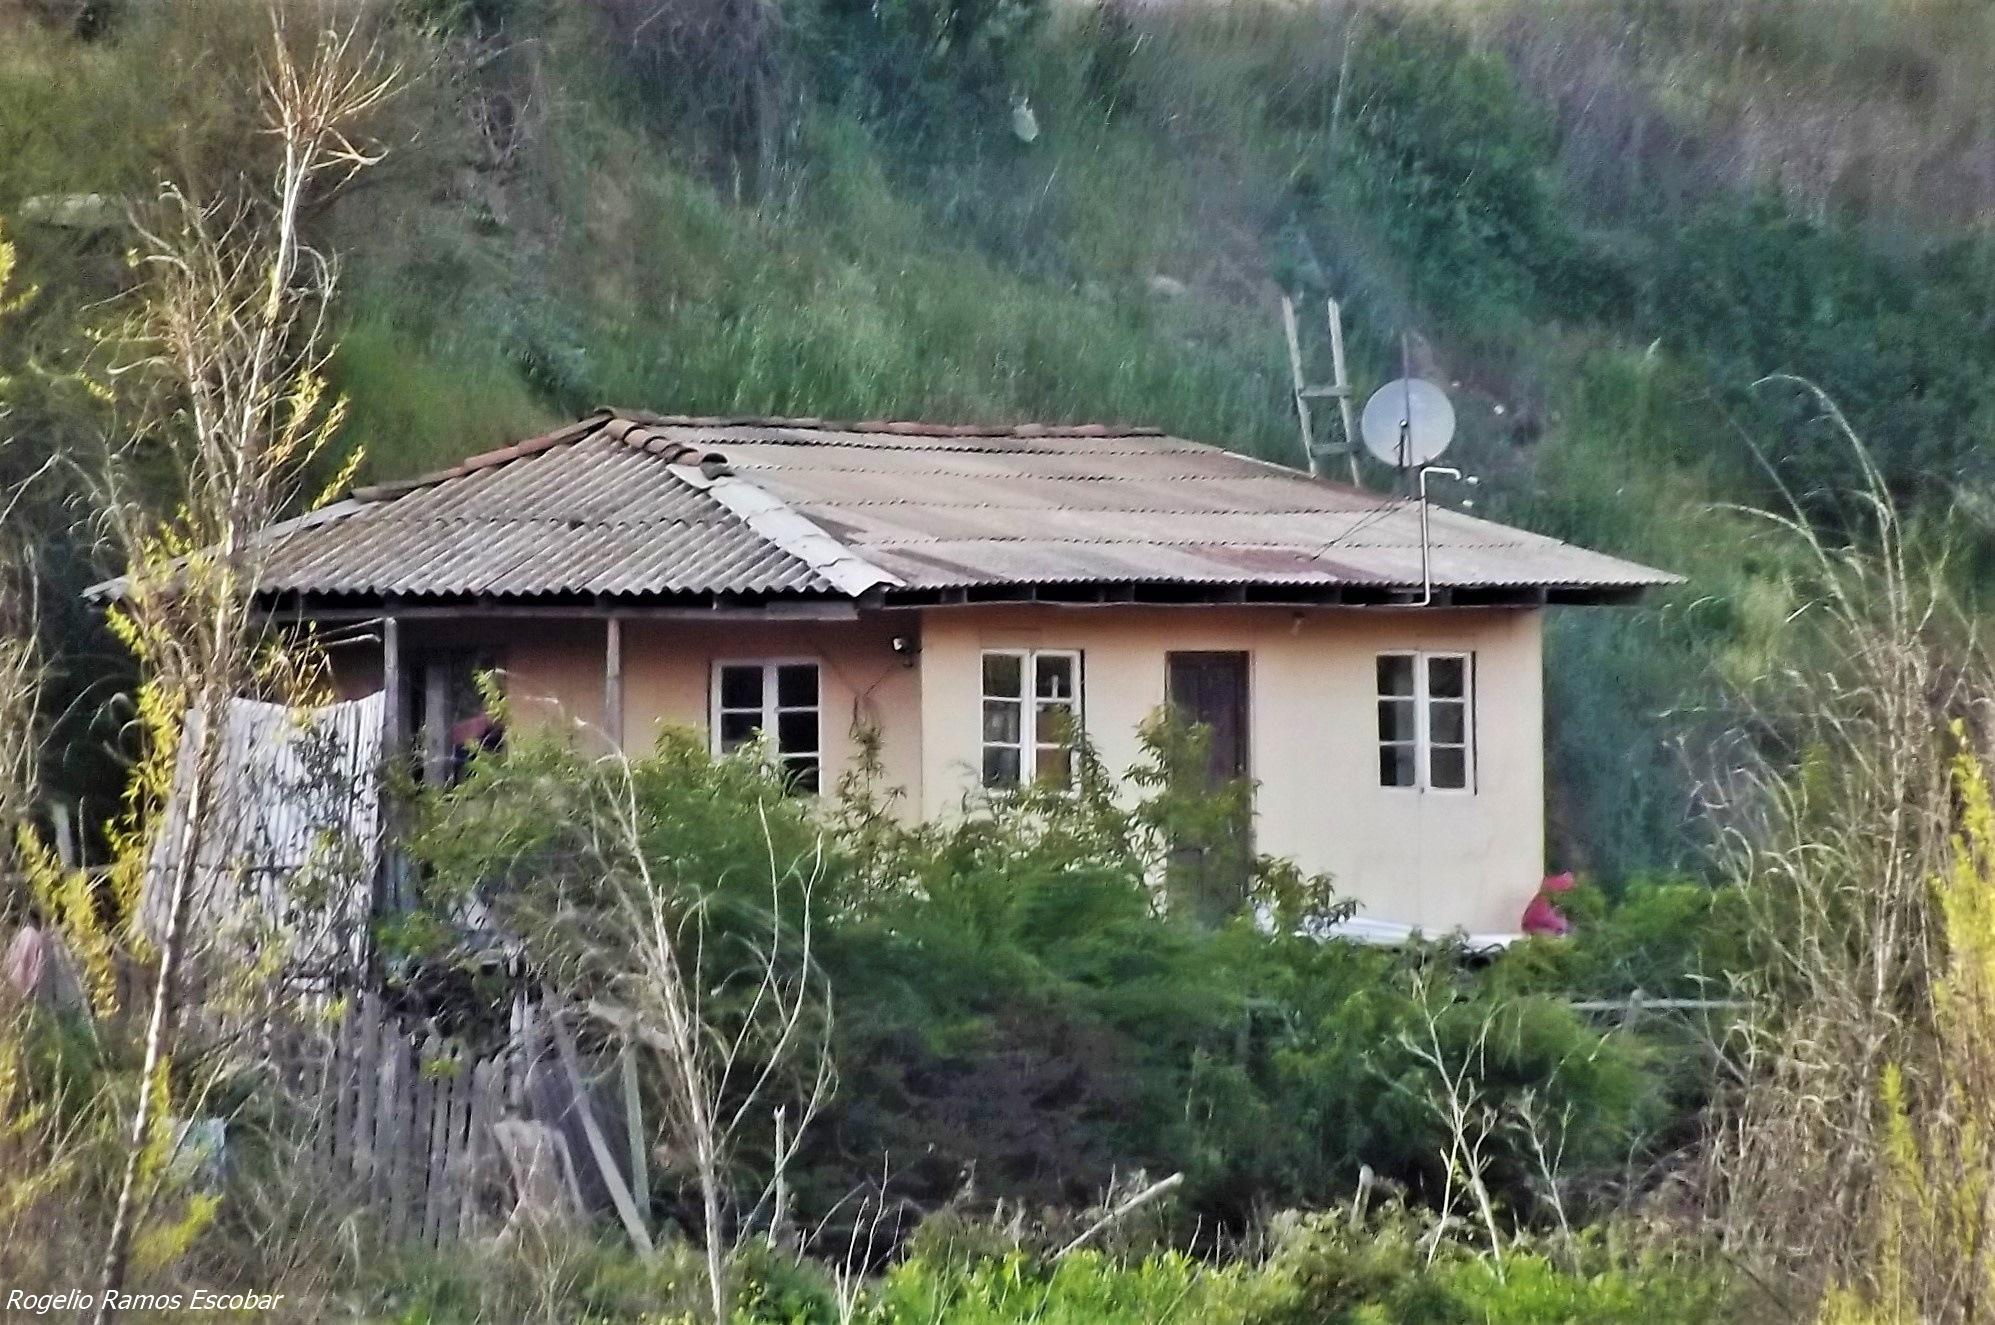 Casa rural by Rogelio Ramos Escobar